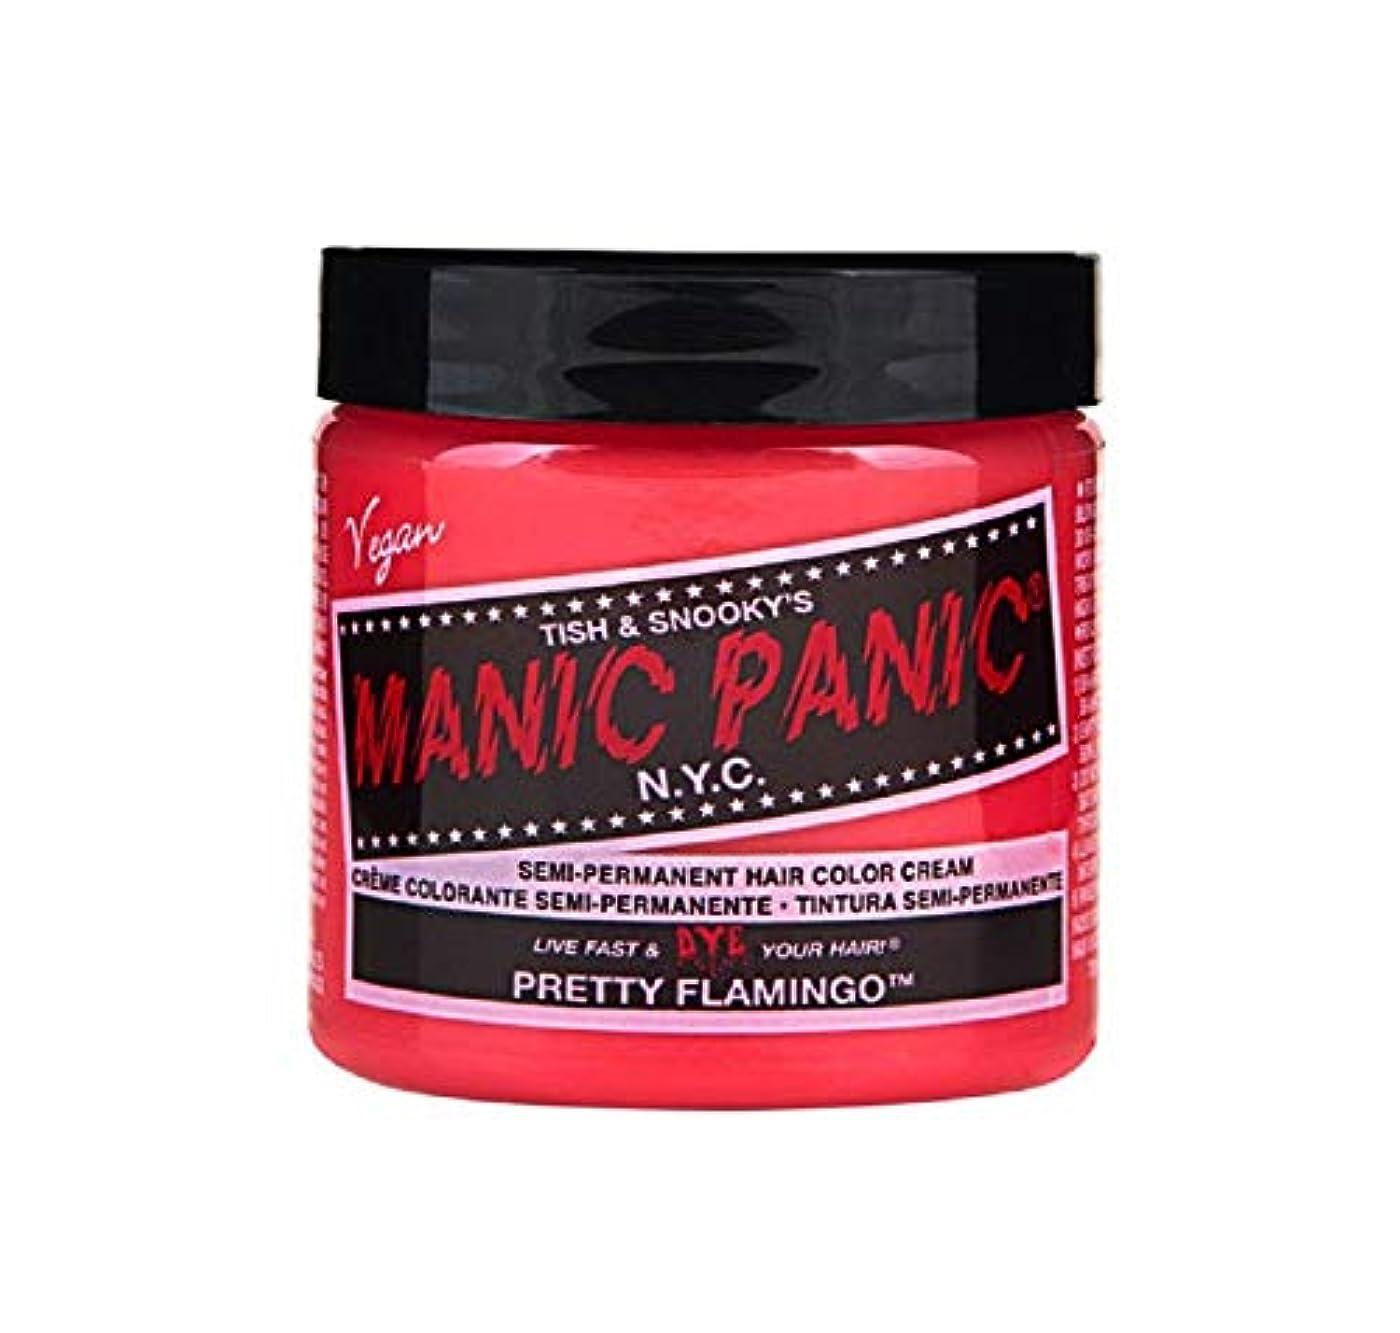 手紙を書く答え嫌がらせマニックパニック MANIC PANIC ヘアカラー 118mlプリティーフラミンゴ ヘアーカラー